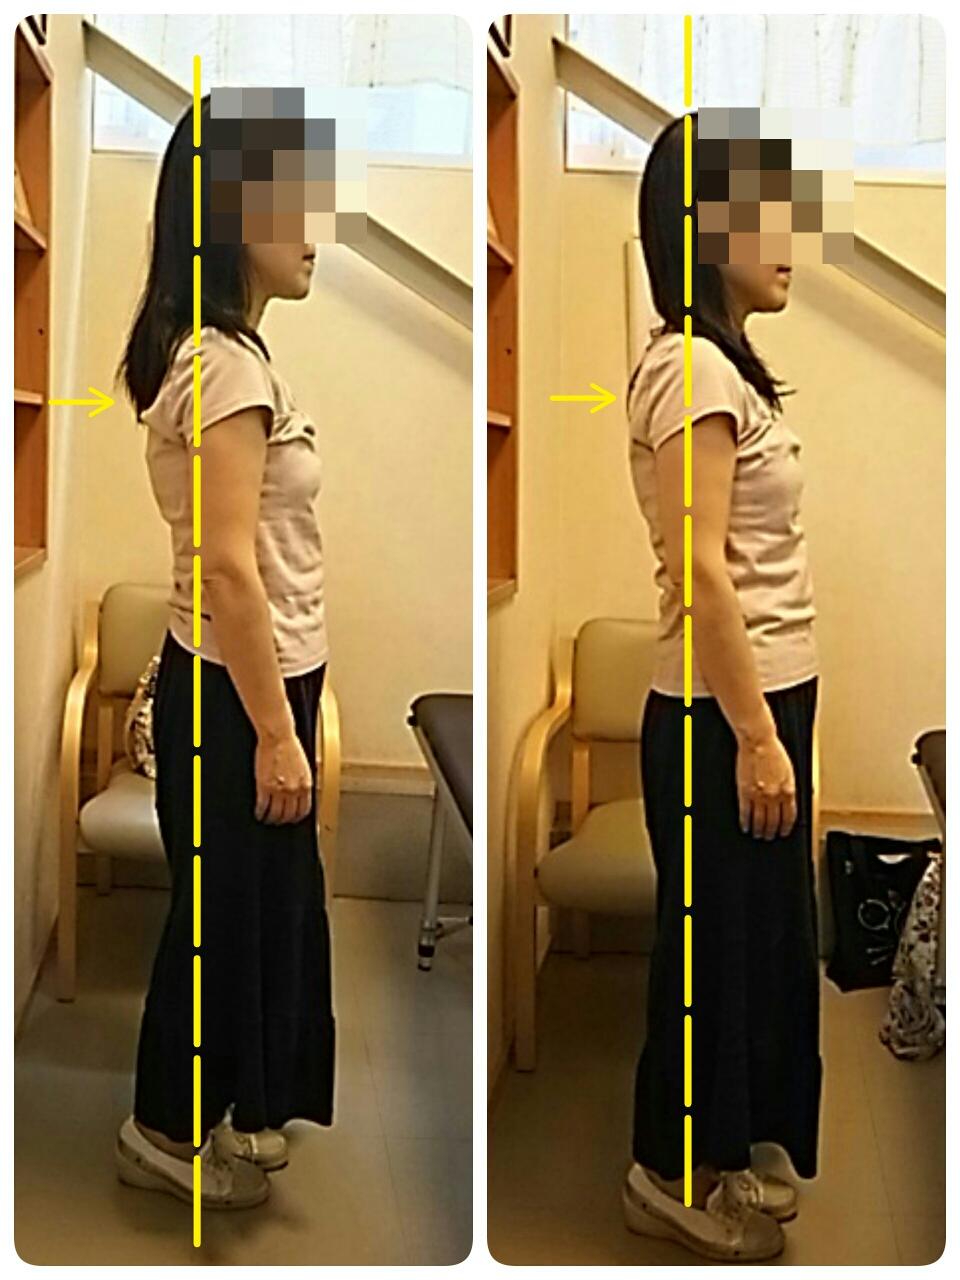 巻き肩改善🎵バストアップ、ヒップアップ〰(^o^)